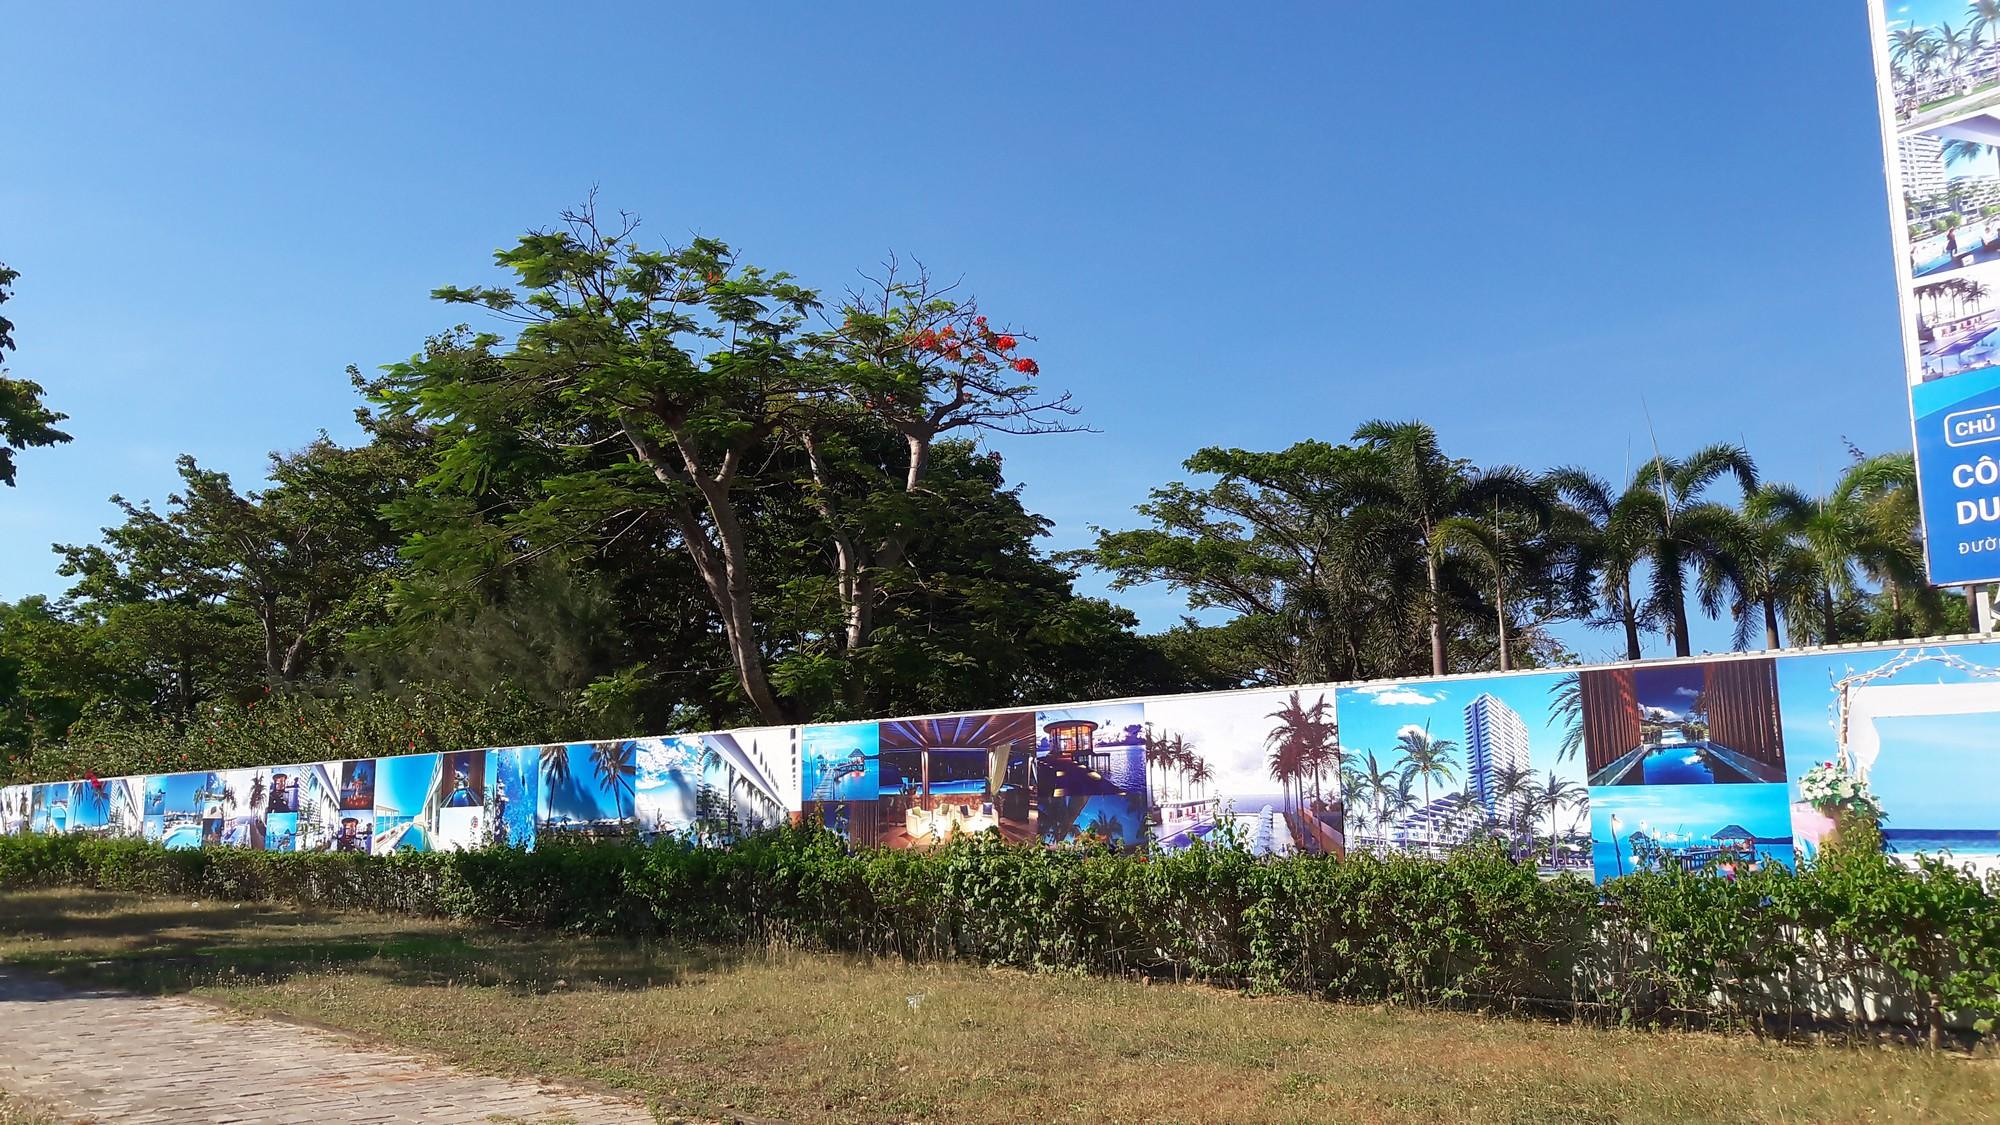 Cận cảnh dự án nghỉ dưỡng 756 tỉ đồng của công ty Đầu tư du lịch Hà Nội Non Nước xí phần rồi trễ hẹn 4 năm ở Đà Nẵng - Ảnh 10.